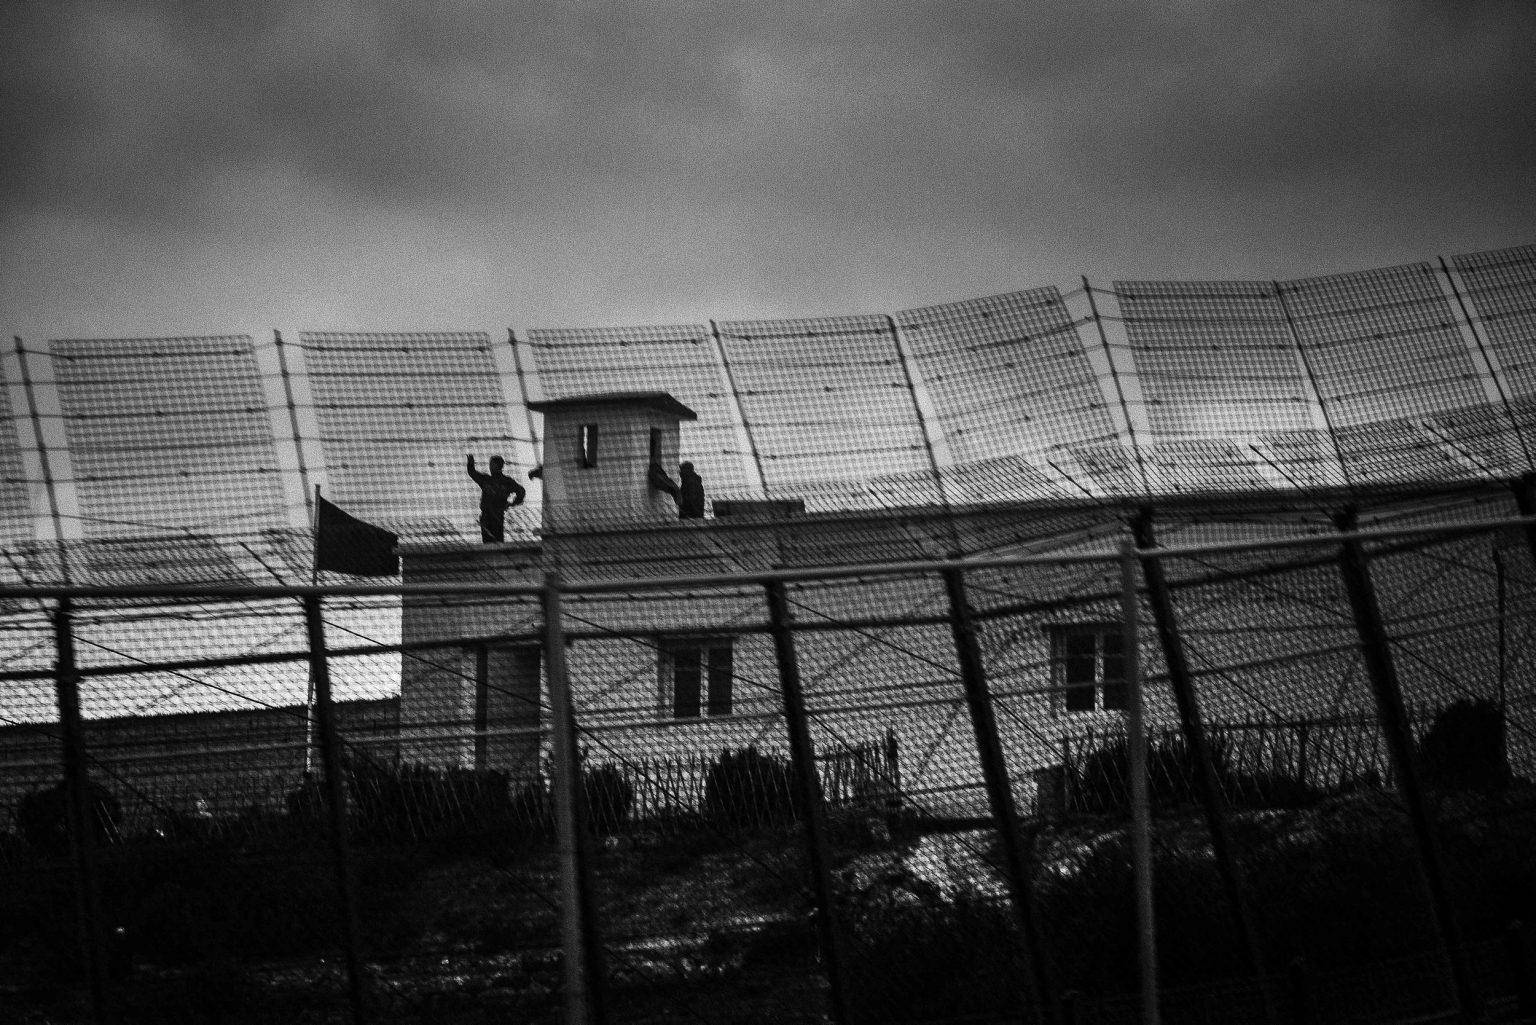 Moroccan soldiers patrol the border near Beni Enzar. Melilla, Spain, 2014